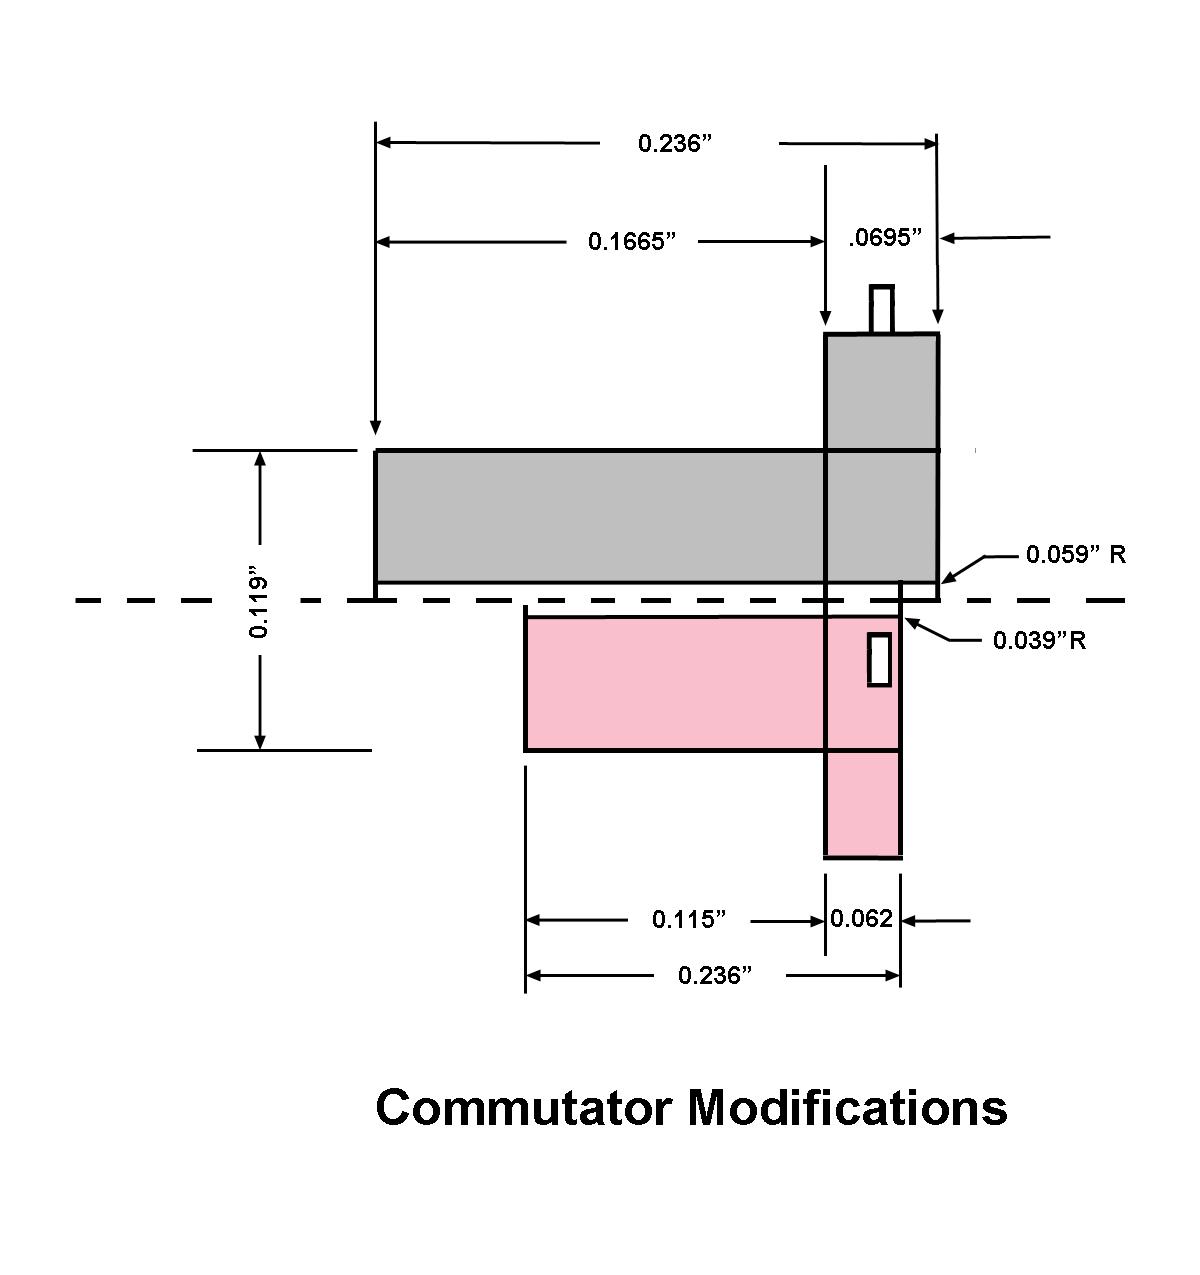 [Commutator%20Mods]